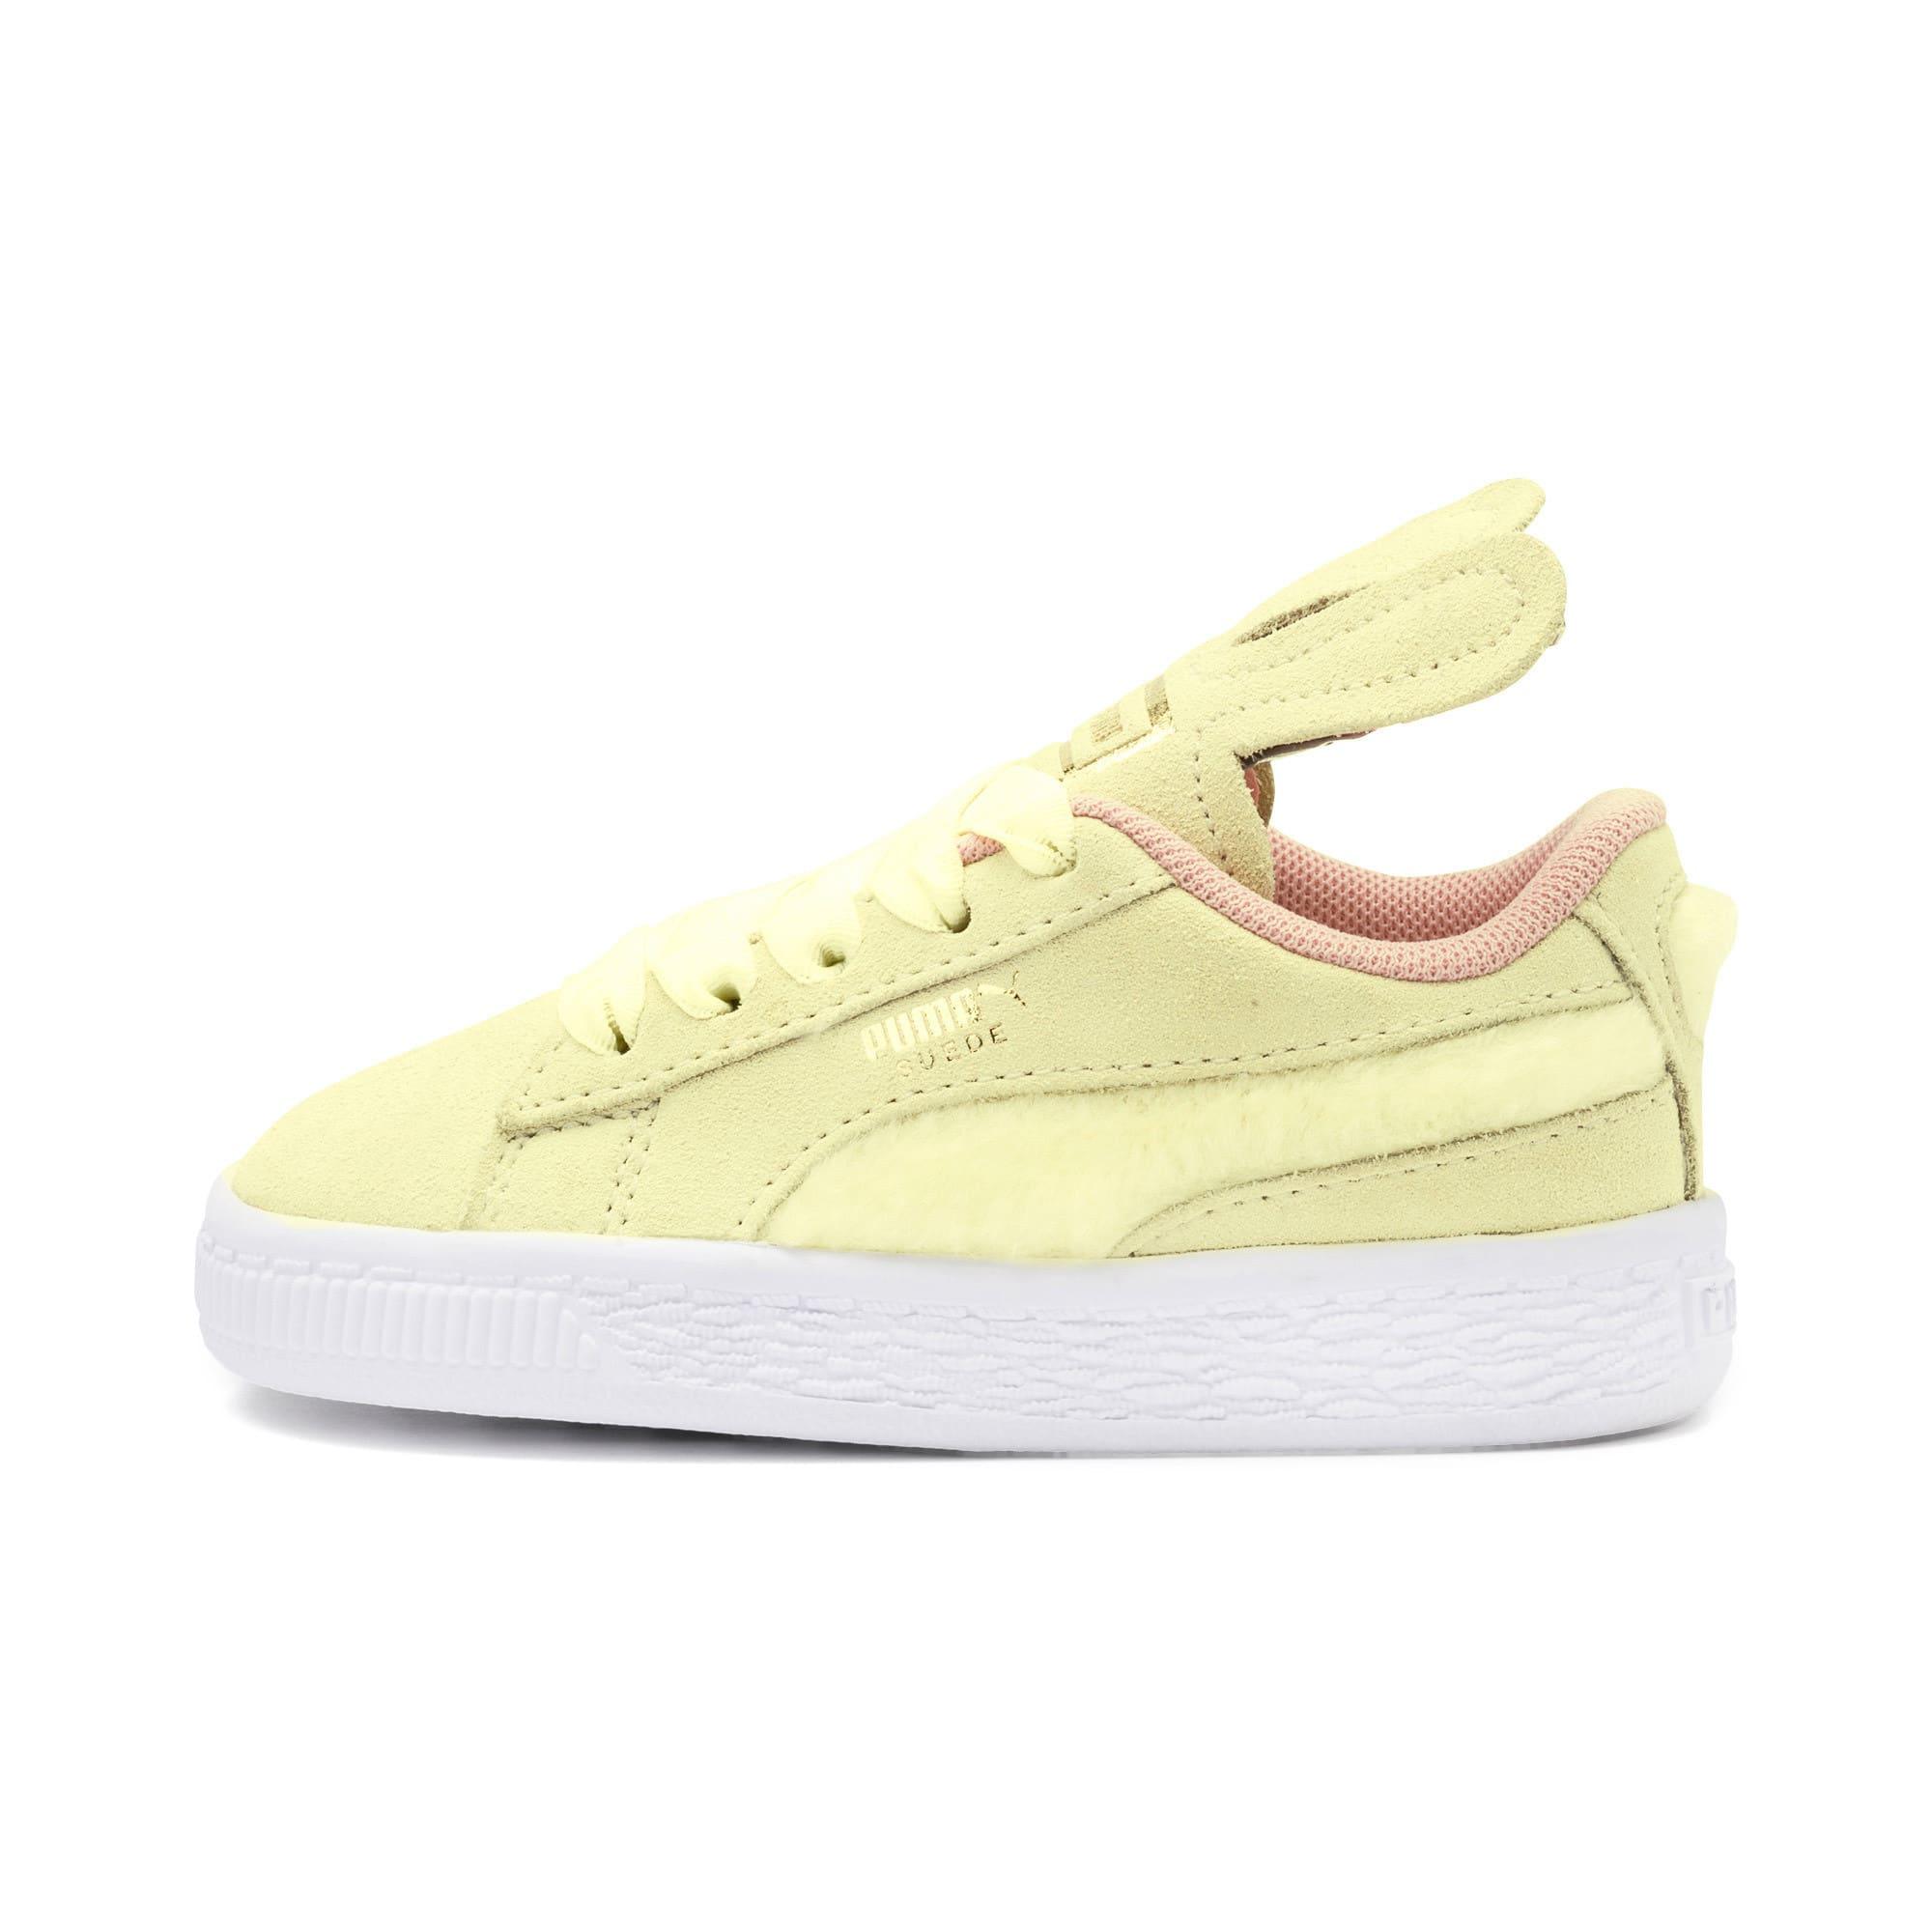 Miniatura 1 de Zapatos Suede Easter AC para bebé, YELLOW-Coral Cloud-Gold, mediano